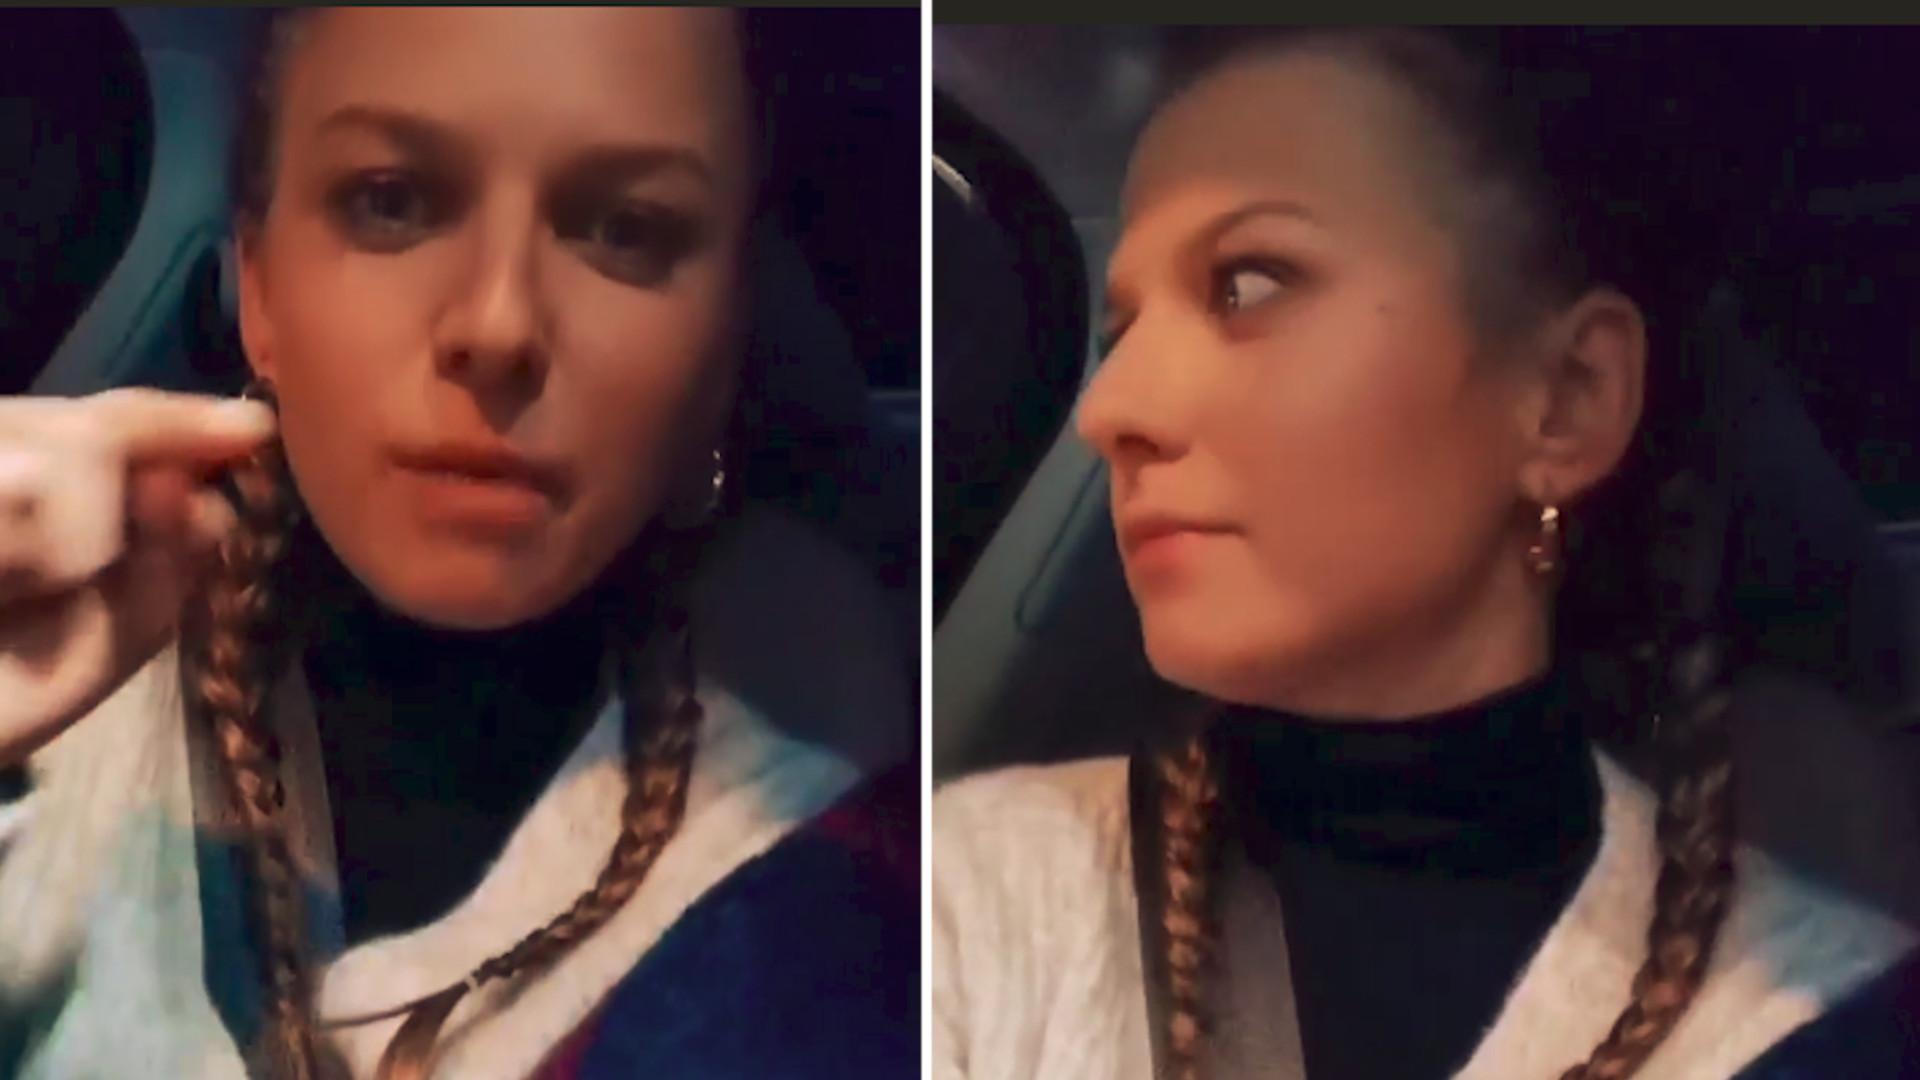 Anna Lewandowska wyjątkowo srogo przetrwała piątek 13. Spotkała ją przykra sytuacja na lotnisku